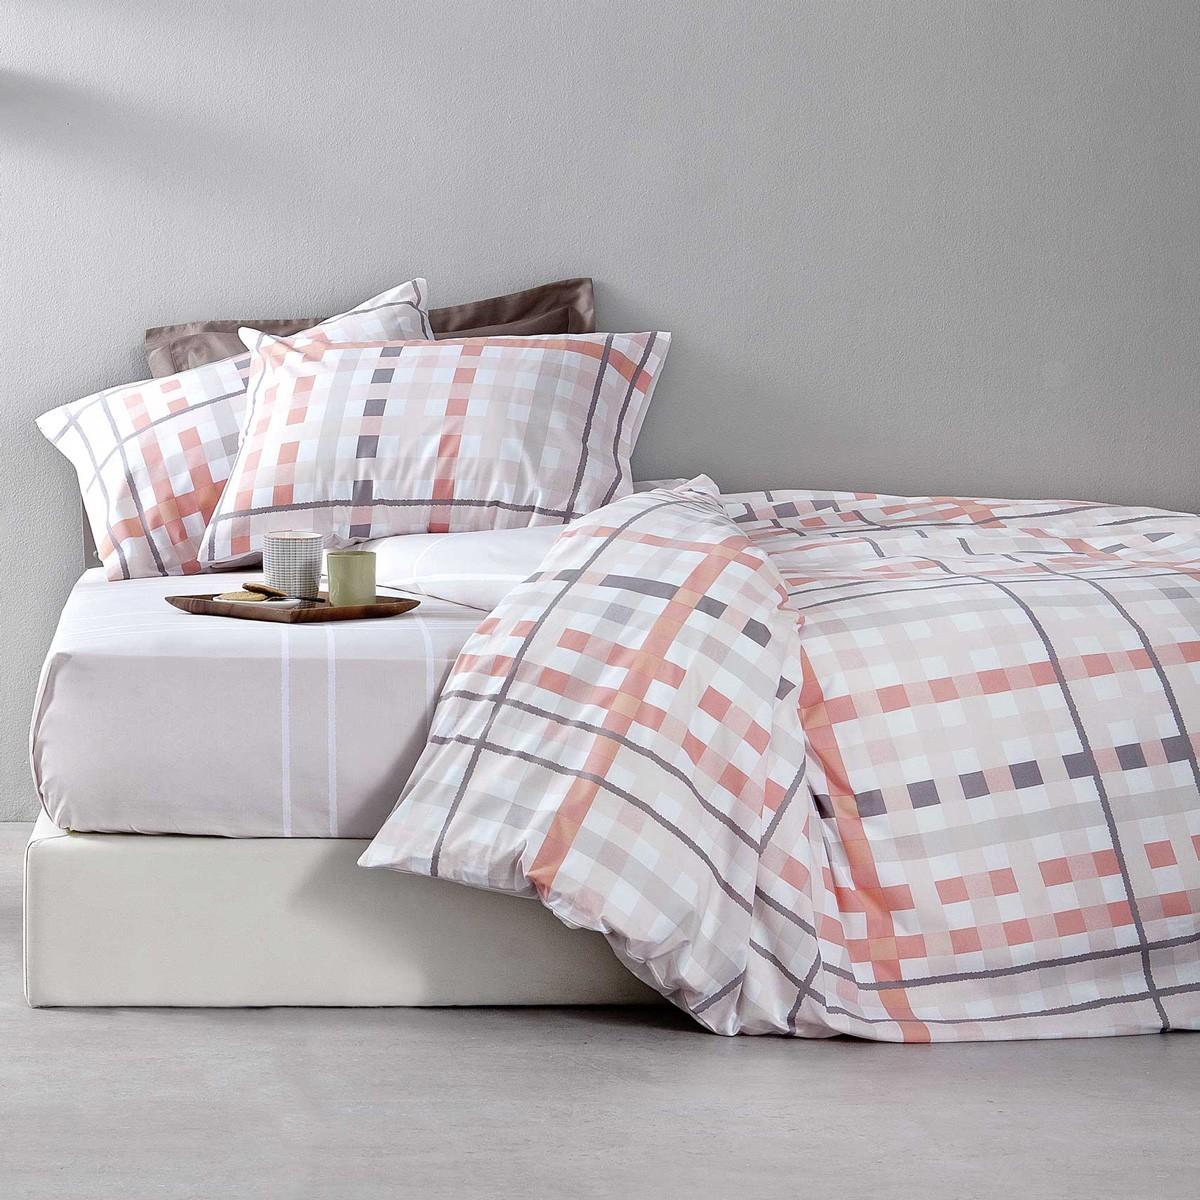 Παπλωματοθήκη Υπέρδιπλη (Σετ) Nima Bed Linen Damino Pink